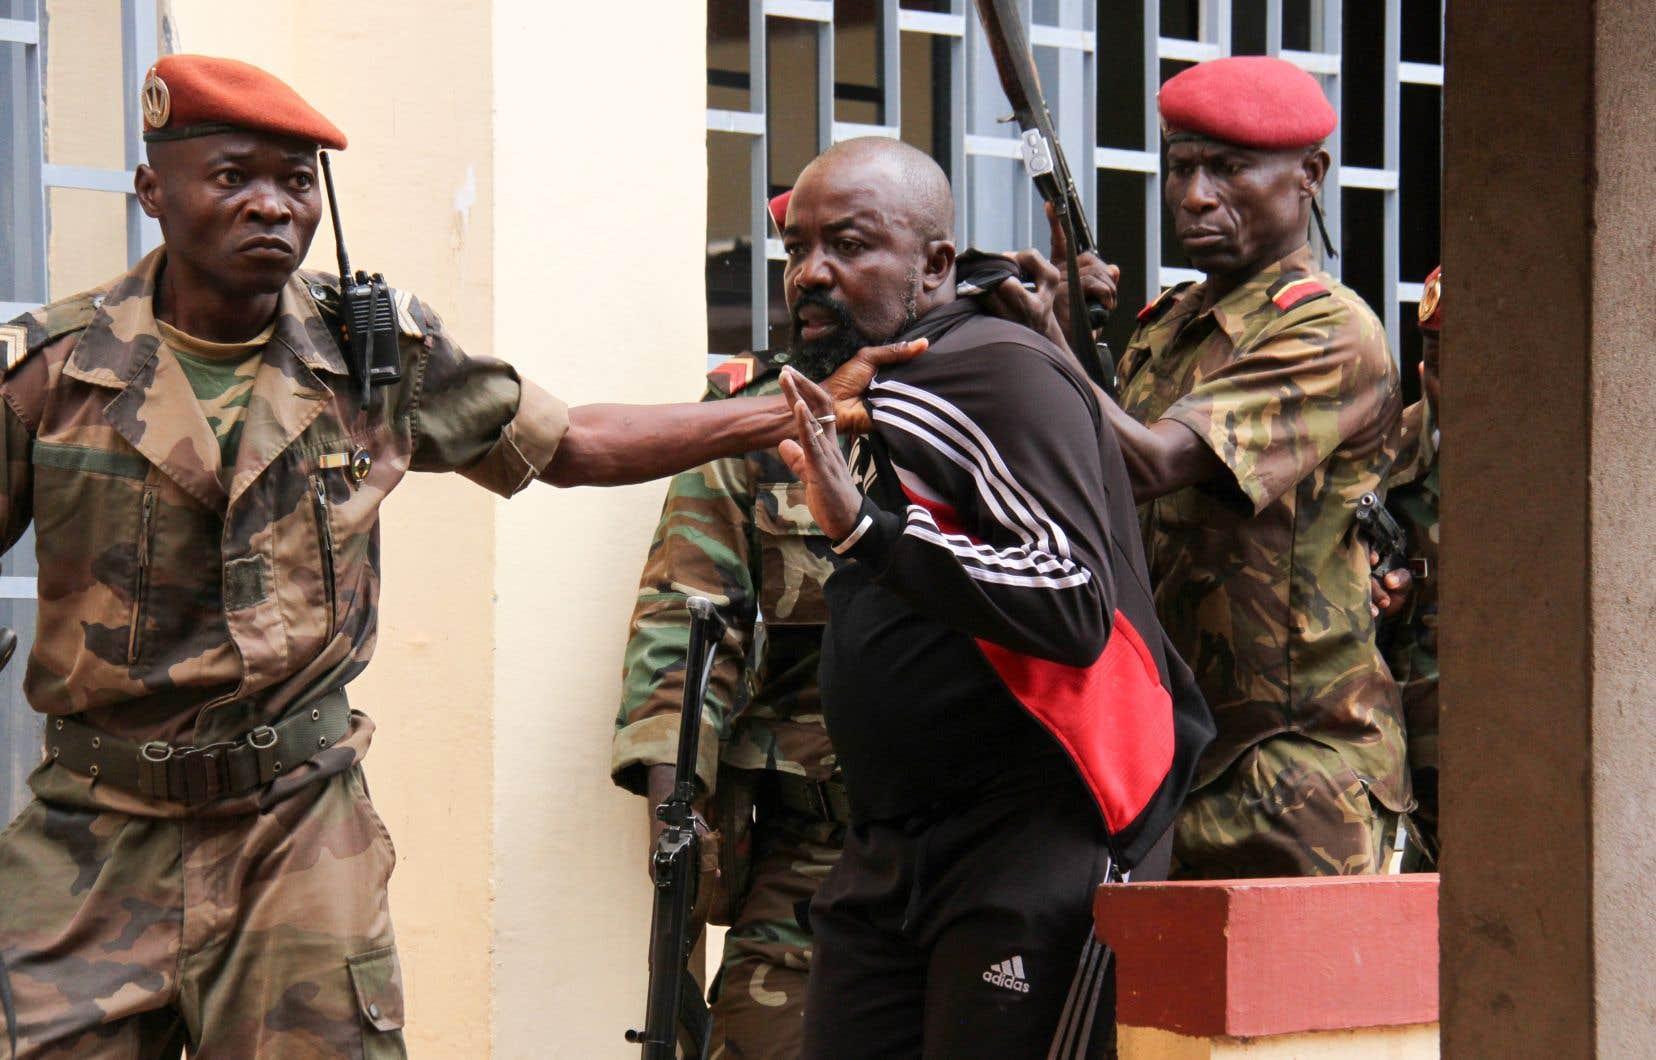 L'ex-chef de milice centrafricain Alfred Yekatom est arrivé au centre de détention de la Cour à LaHaye dans la nuit de samedi à dimanche.